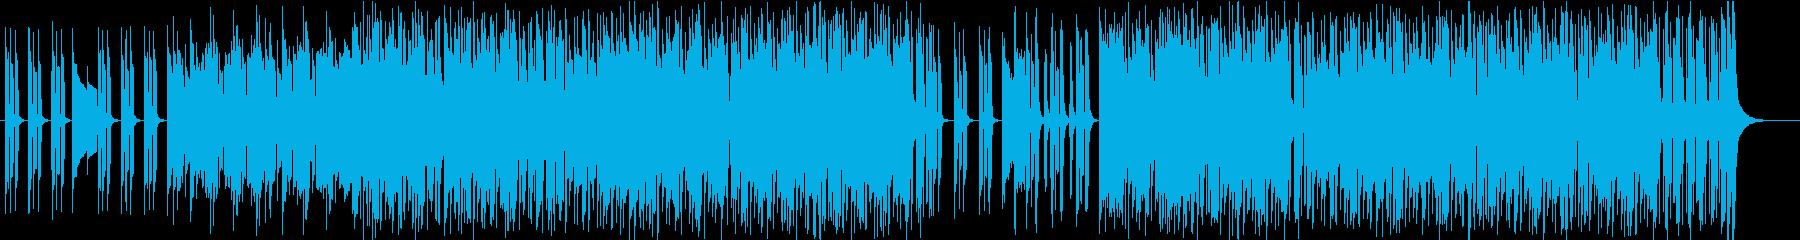 ファンク ワイルド 燃える テクノ...の再生済みの波形